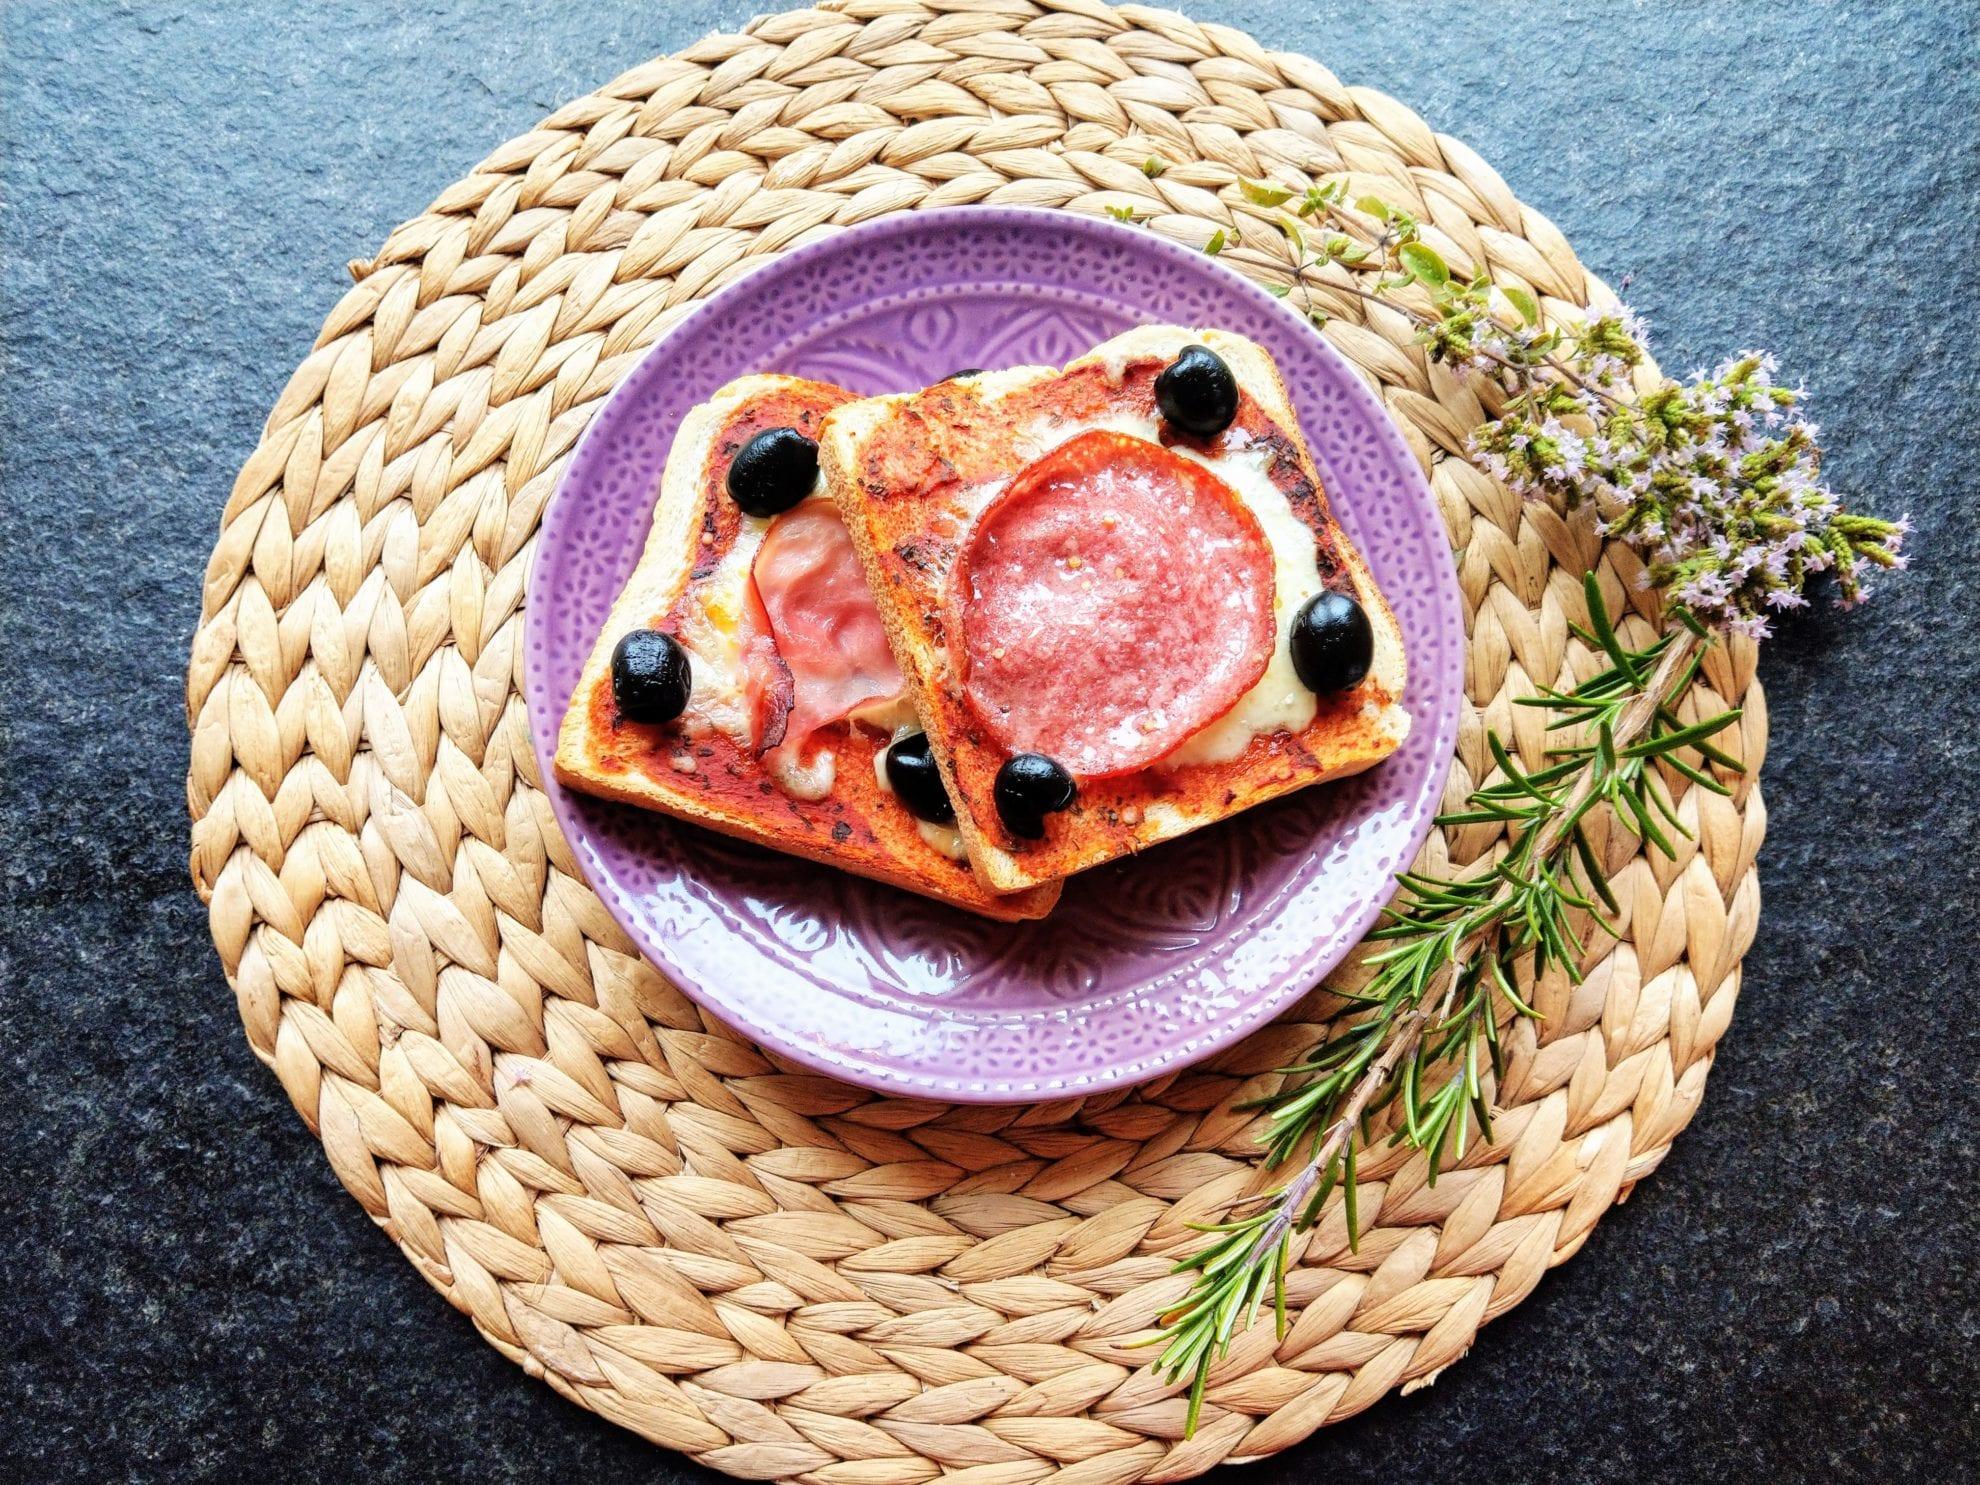 Pizzatoast mit Tomatensoße, ein simples Rezept: perfekt als Partysnack, als Mittagessen oder einfach nur so. Im Großfamilienblog auf puddingklecks.de